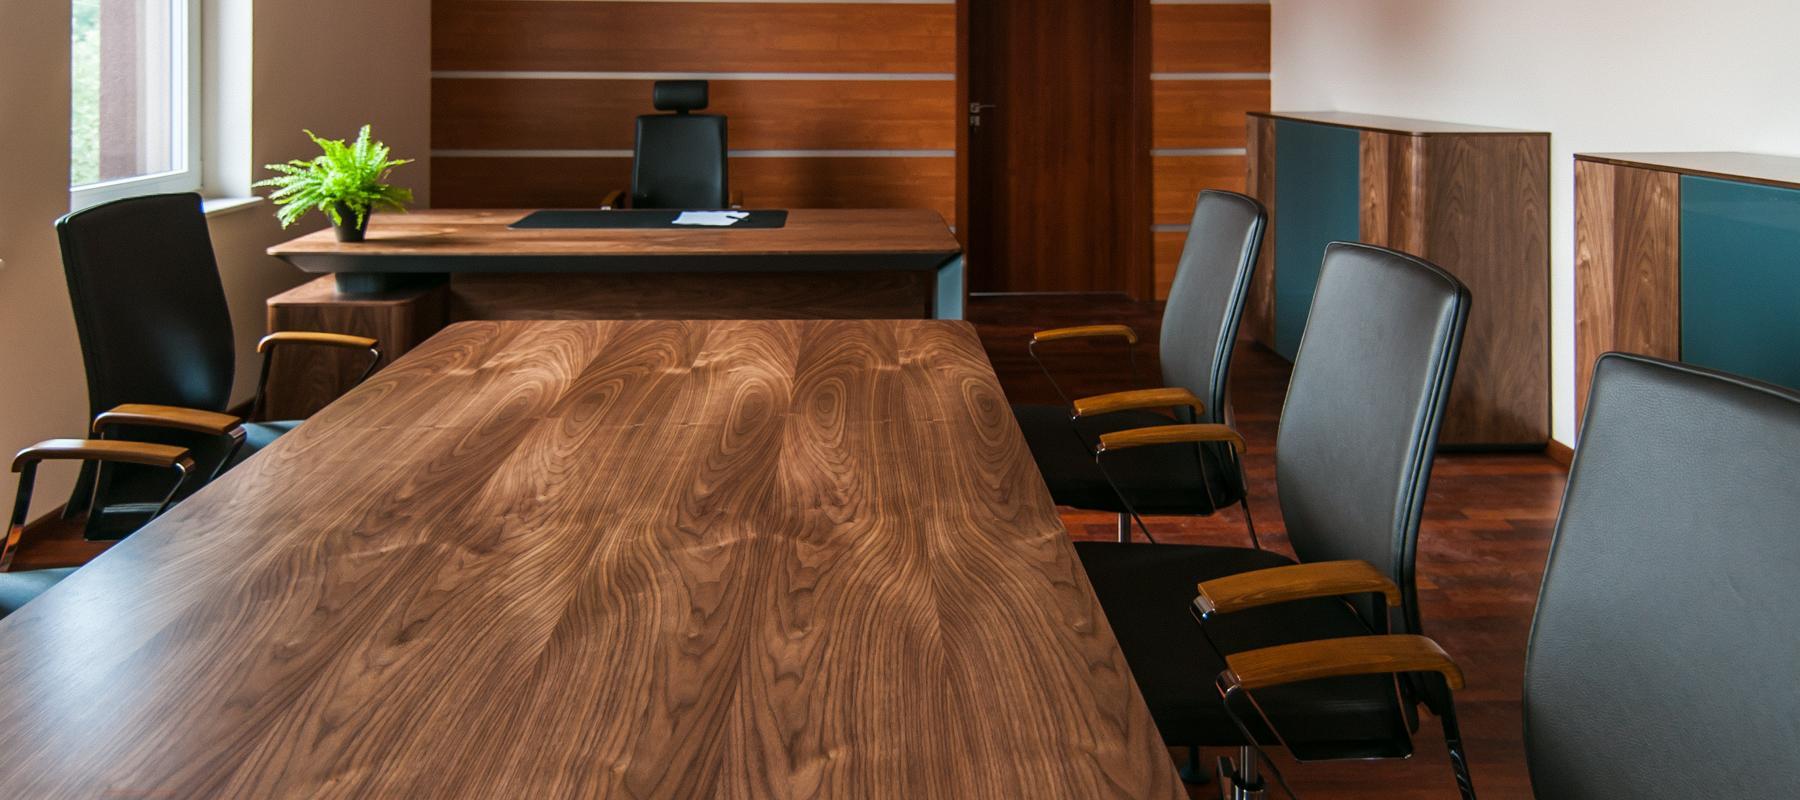 Aranżacja biura z modnymi drewnianymi meblami